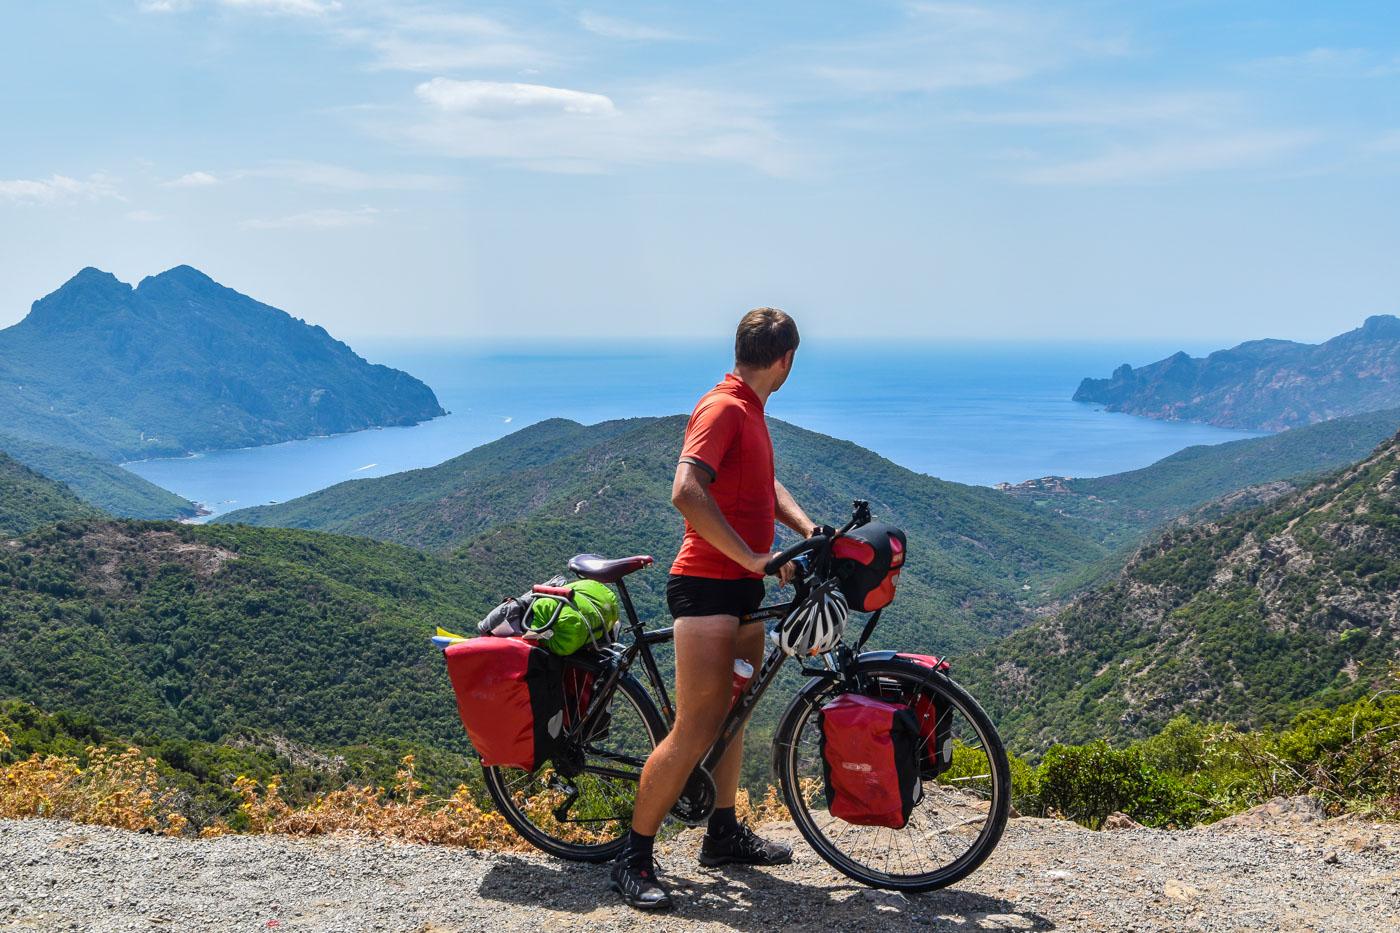 Путешествие на велосипеде по Корсике, Франция - Ото Порто, Пьяна